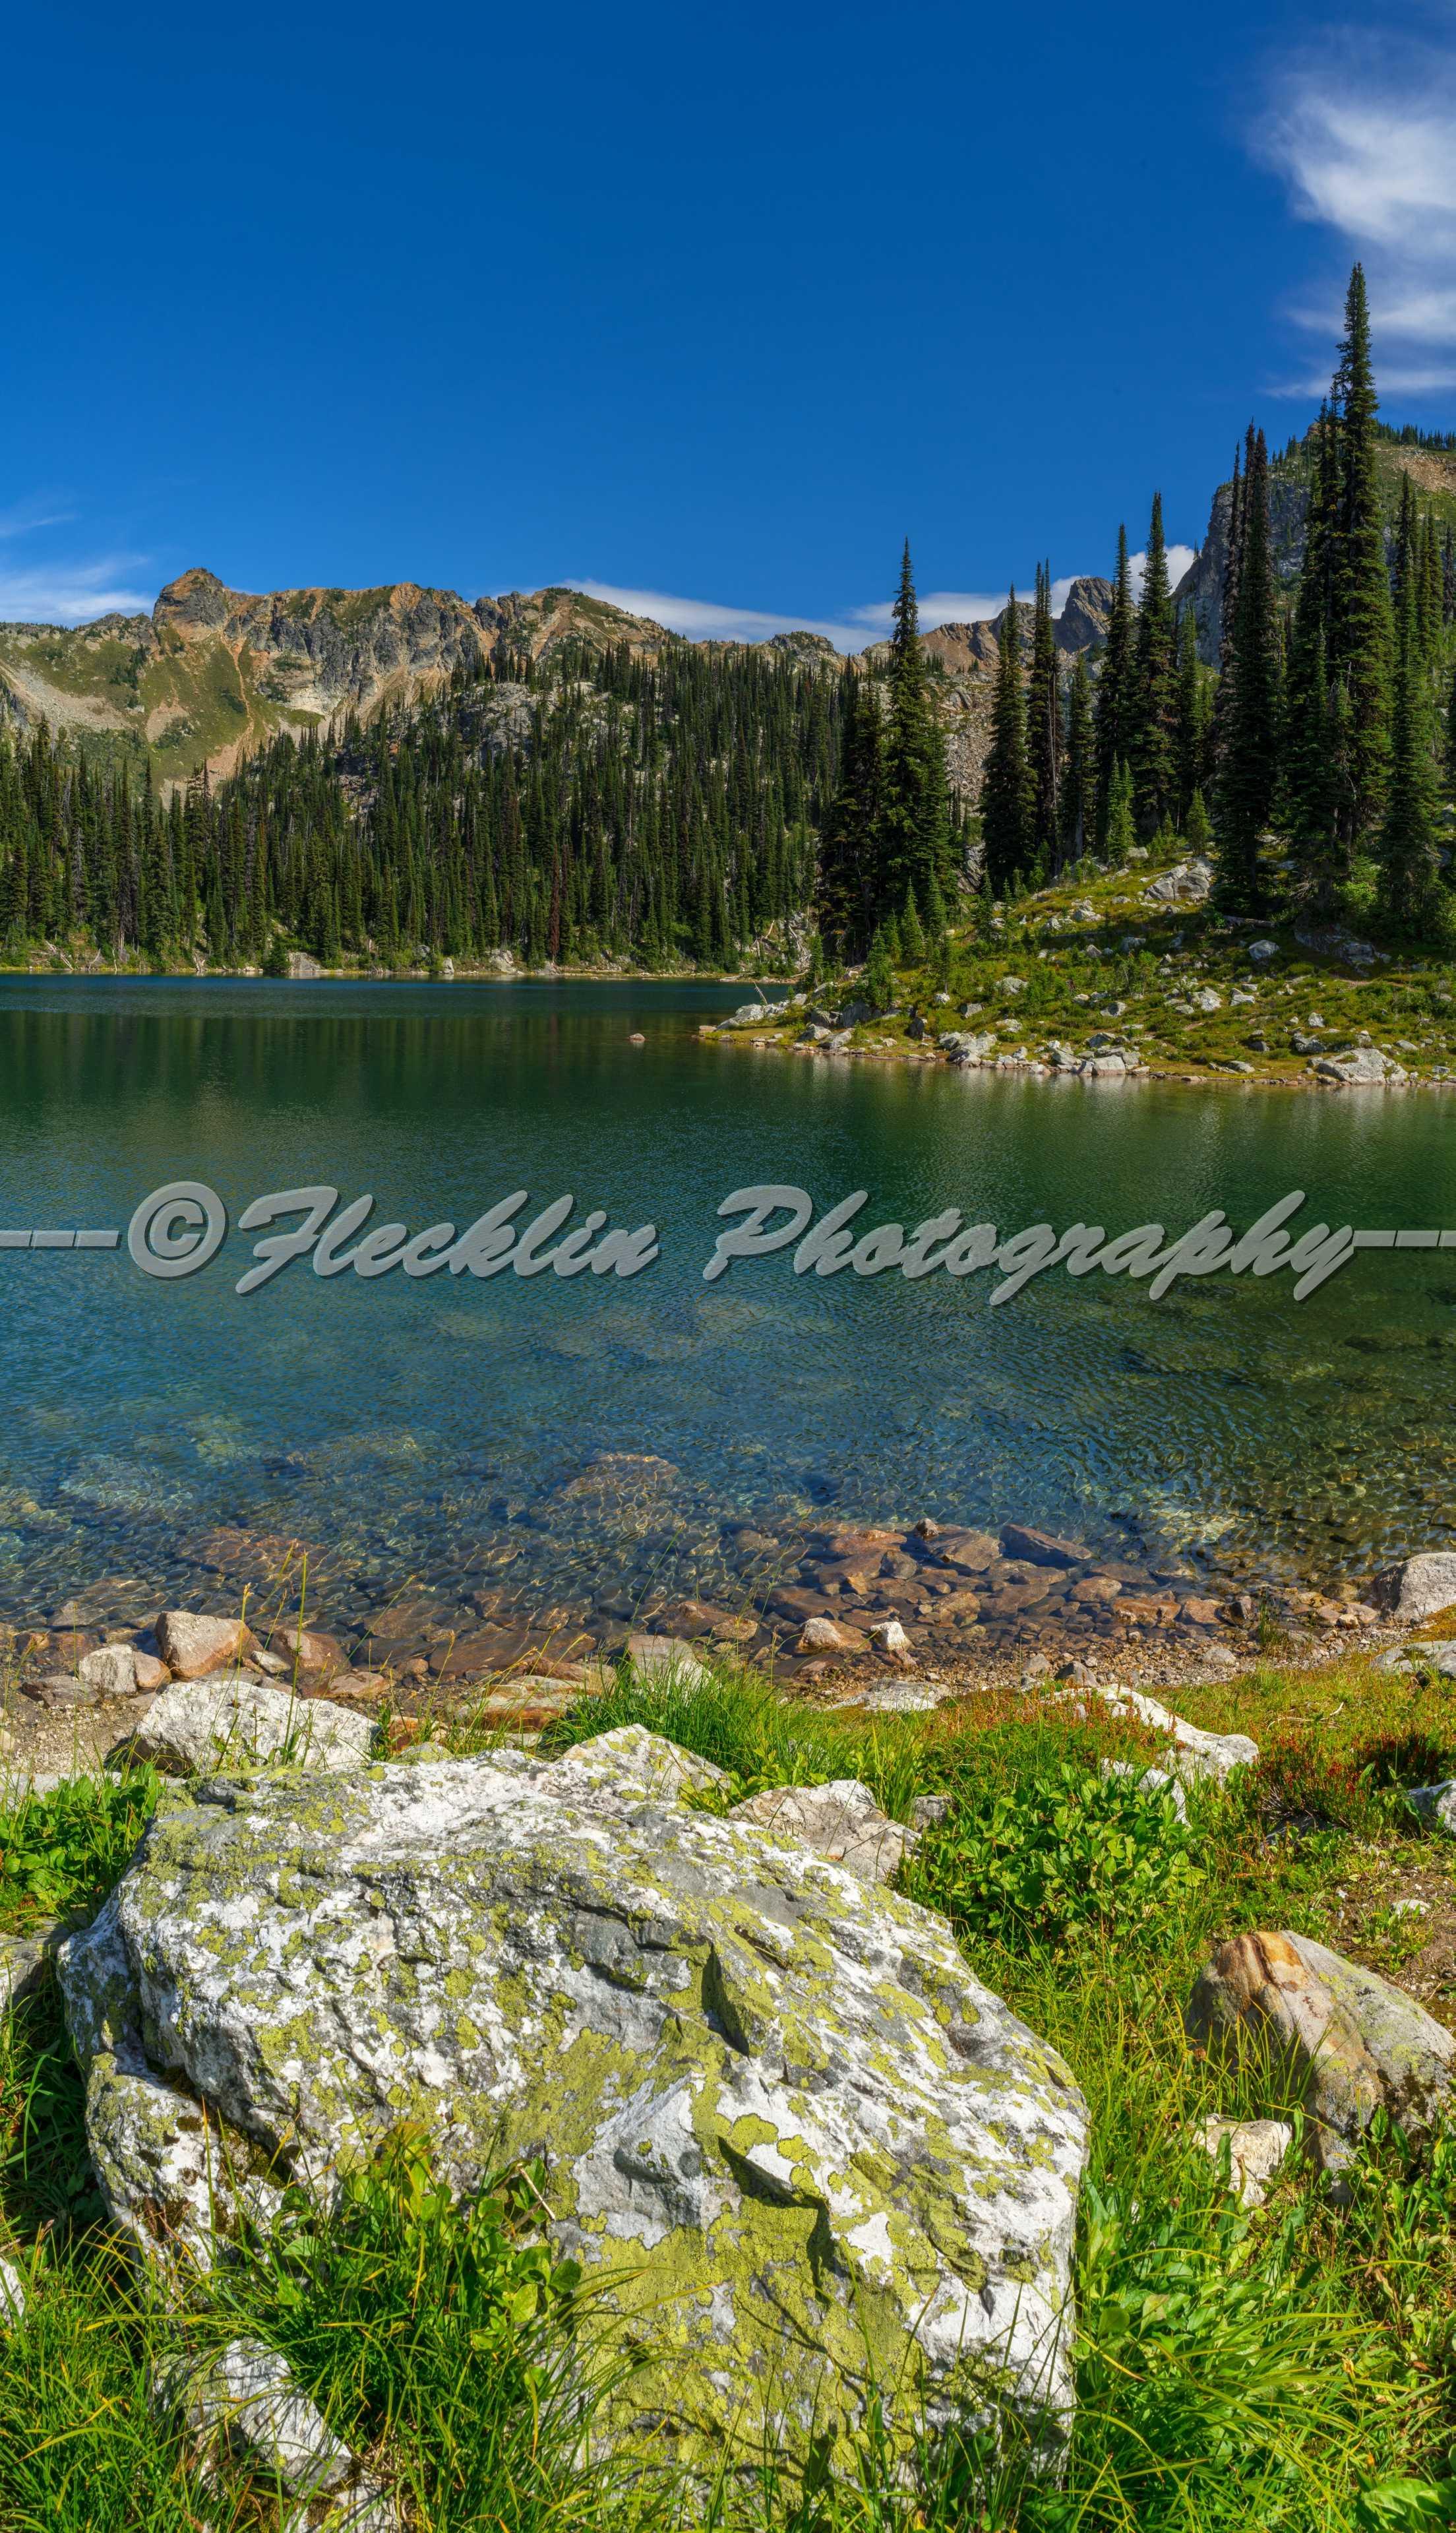 Eva Lake Revelstoke British Columbia Canada Panoramic